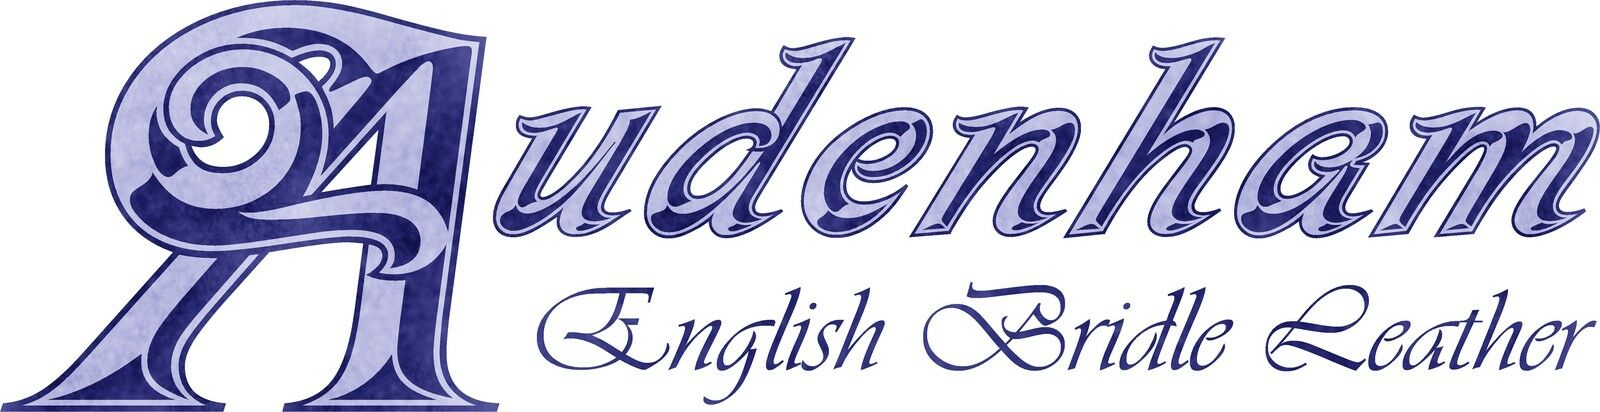 Audenham English Bridle Leather